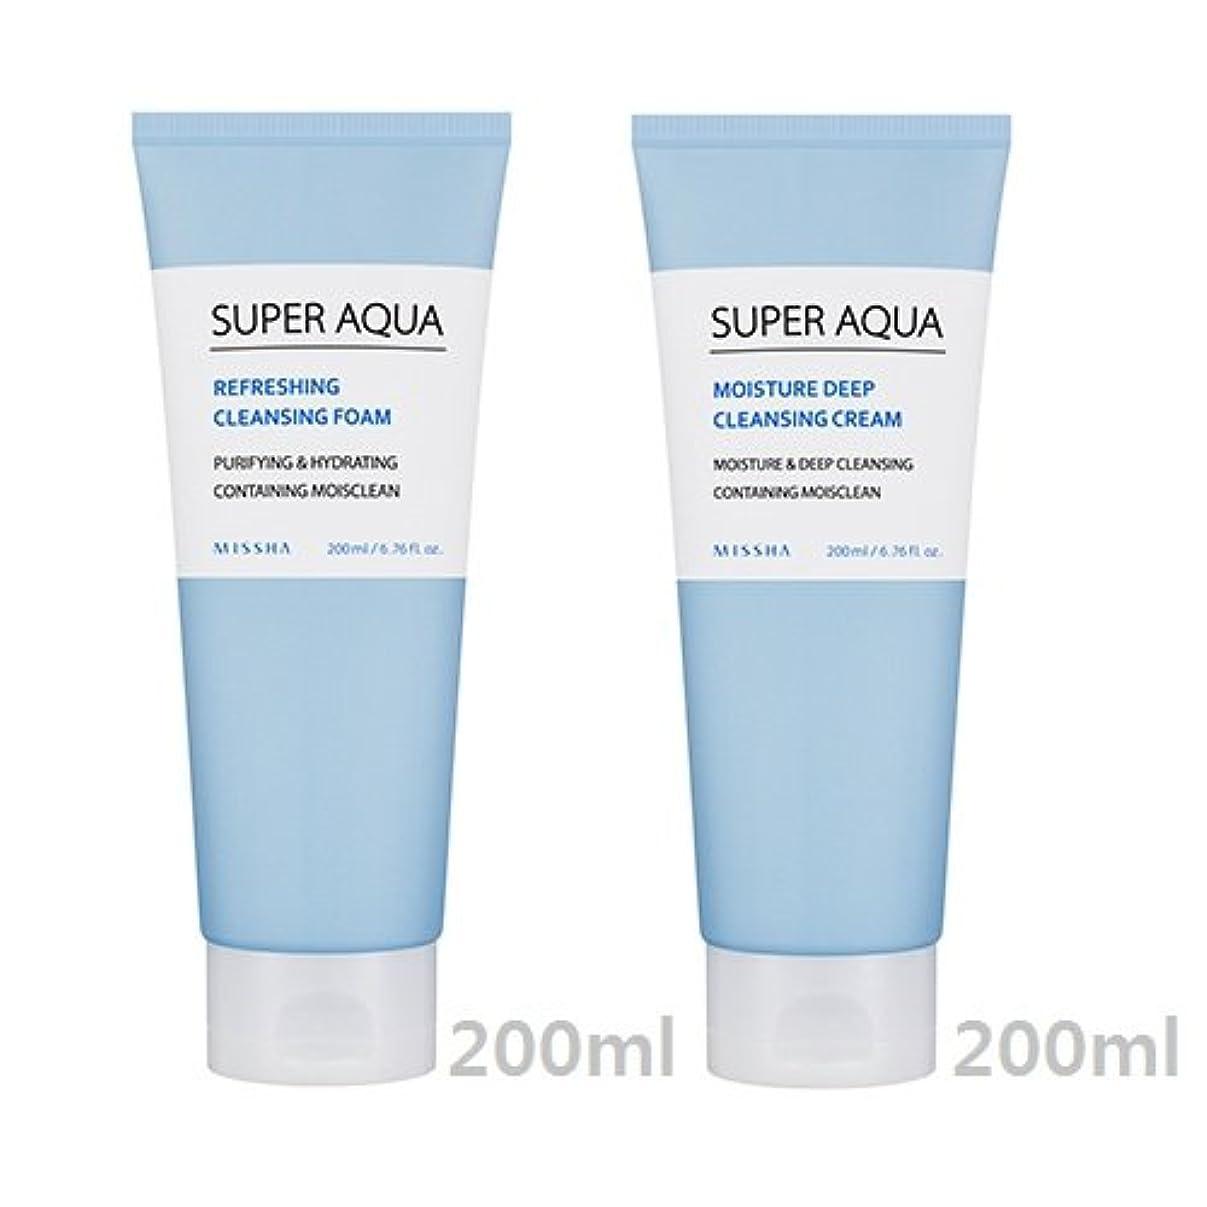 古くなった耳日[1+1] MISSHA Super Aqua Cleansing Cream + Foam/ミシャ スーパー アクア クレンジング クリーム + フォーム [並行輸入品]